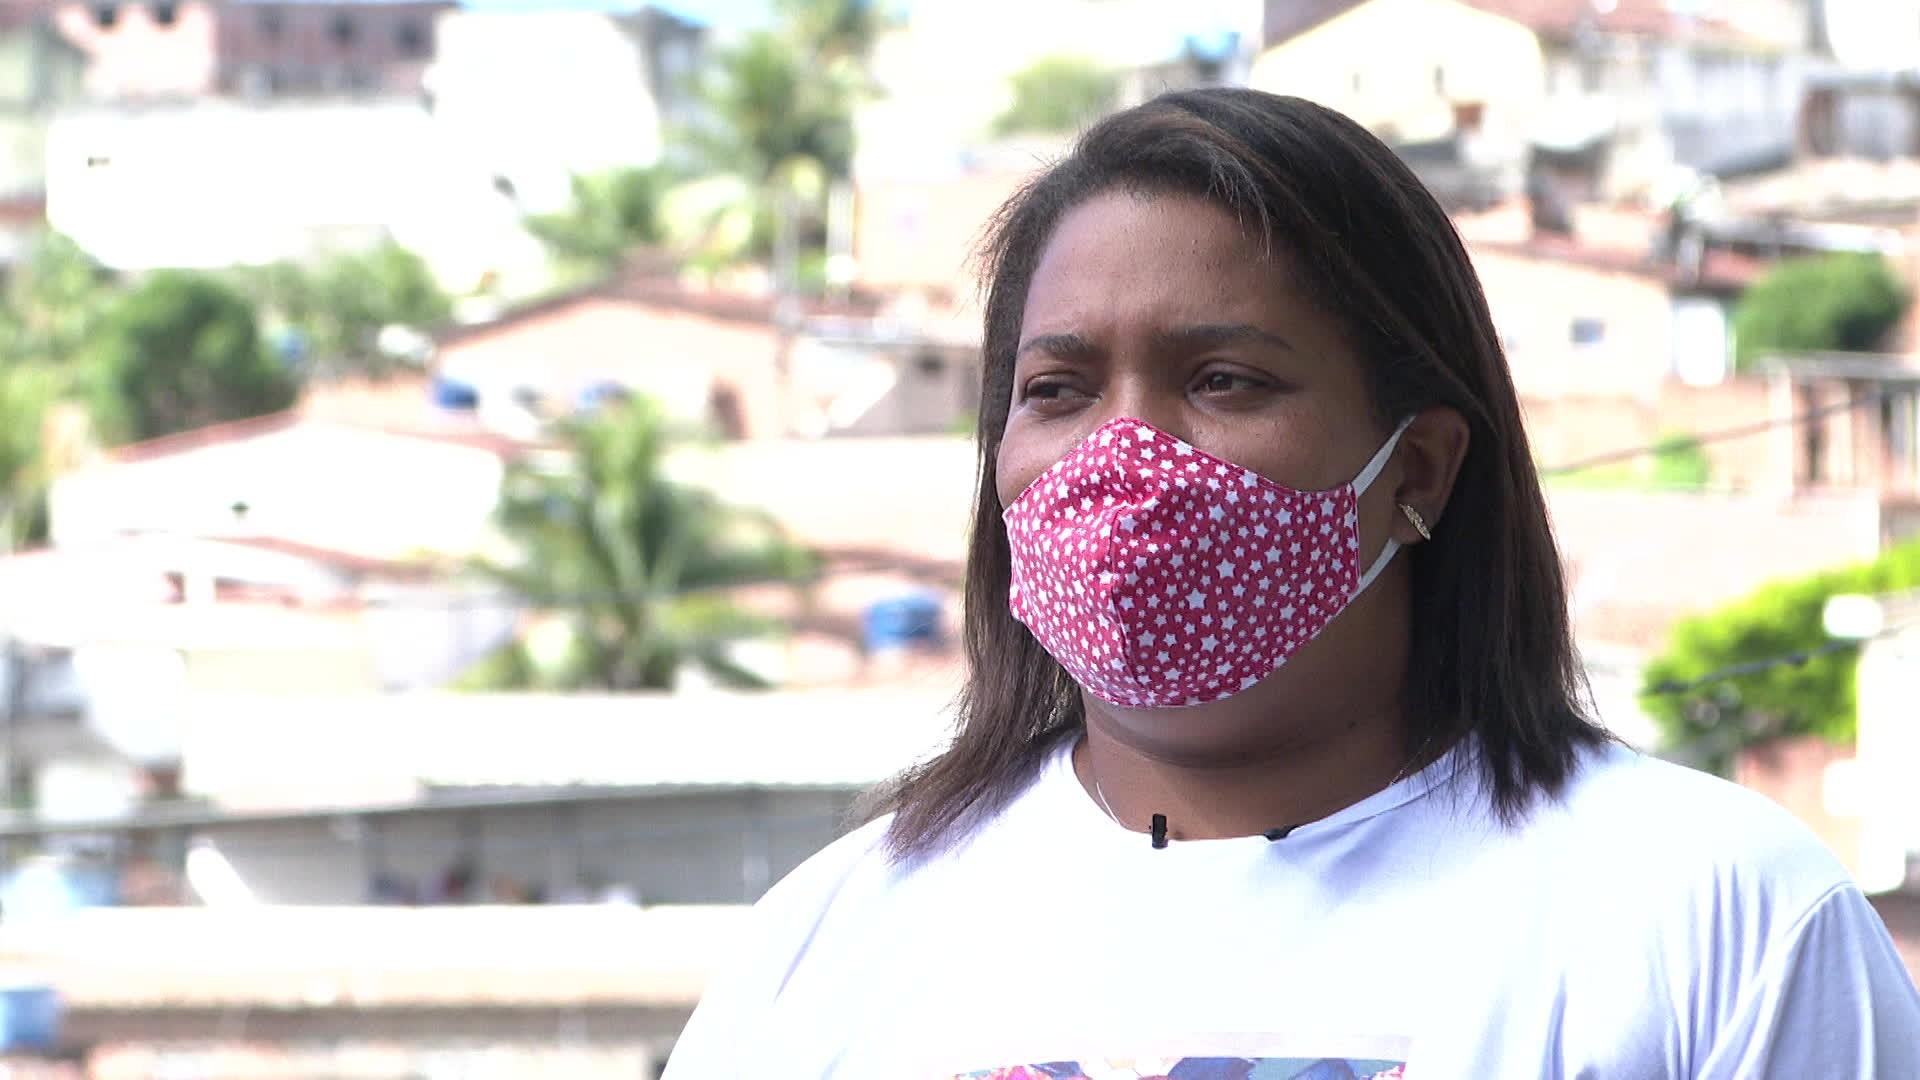 Caso Miguel: mãe de menino que caiu de prédio denuncia criação de 'vaquinha' falsa em seu nome